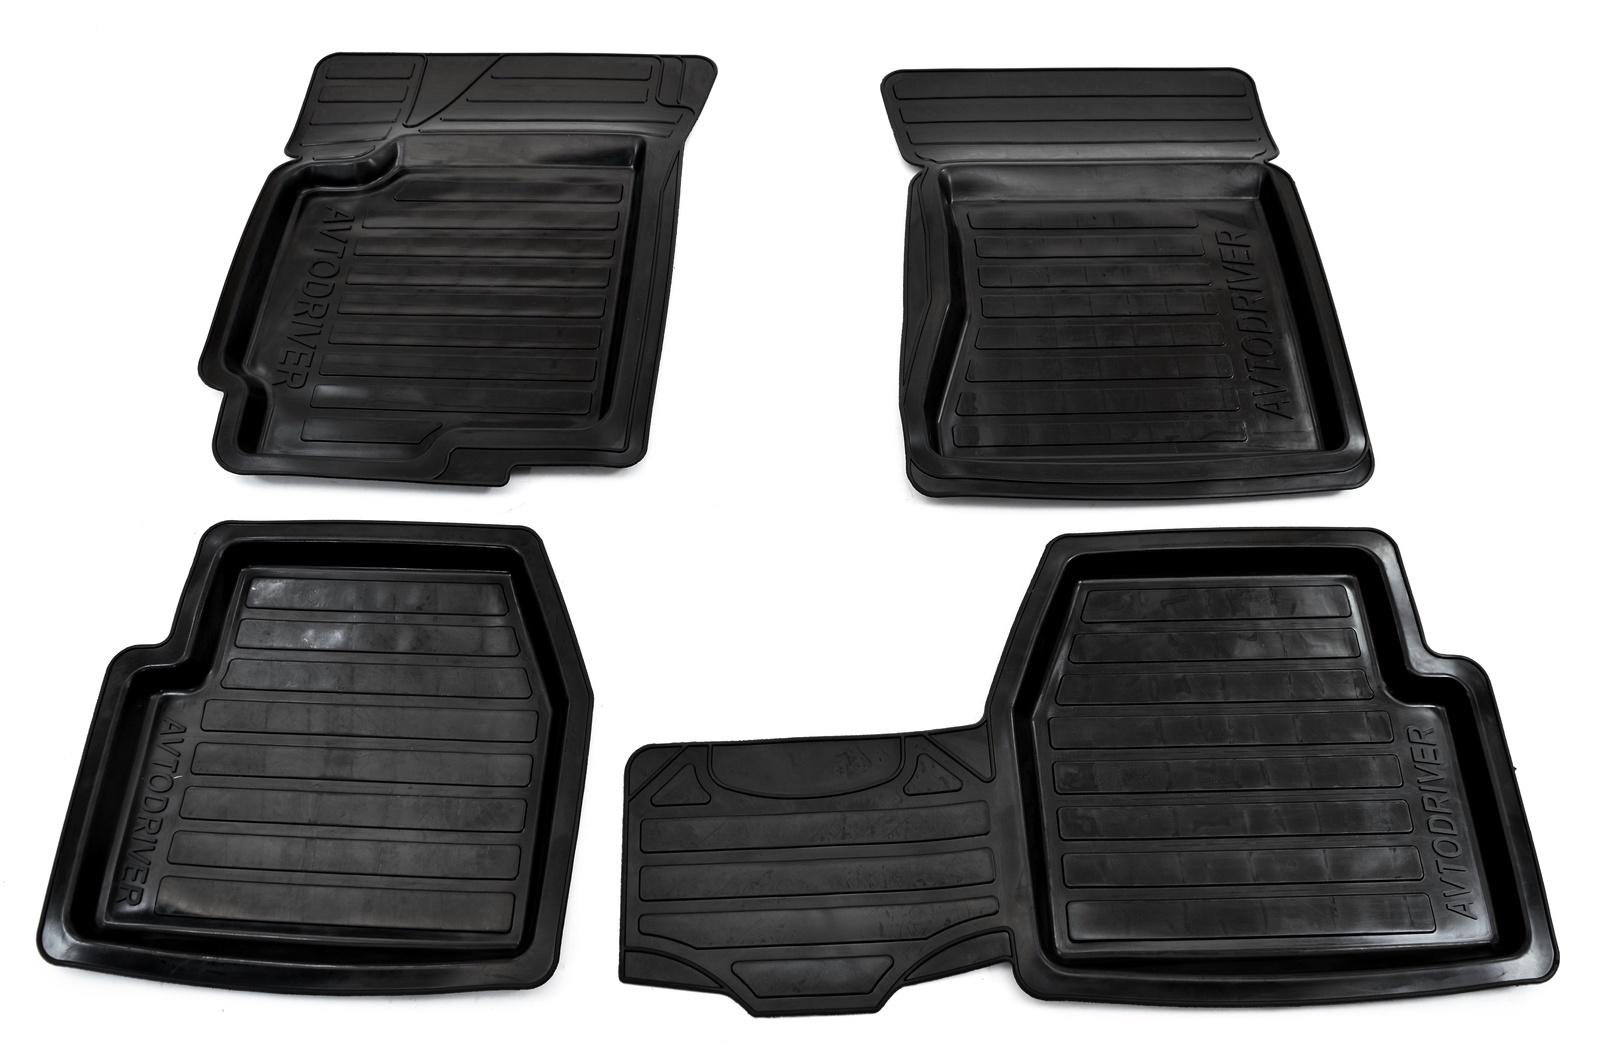 цена на Коврики в салон автомобиля SV Design, для renault logan, 2014-, 4118-rio-15p, текстильные, черный